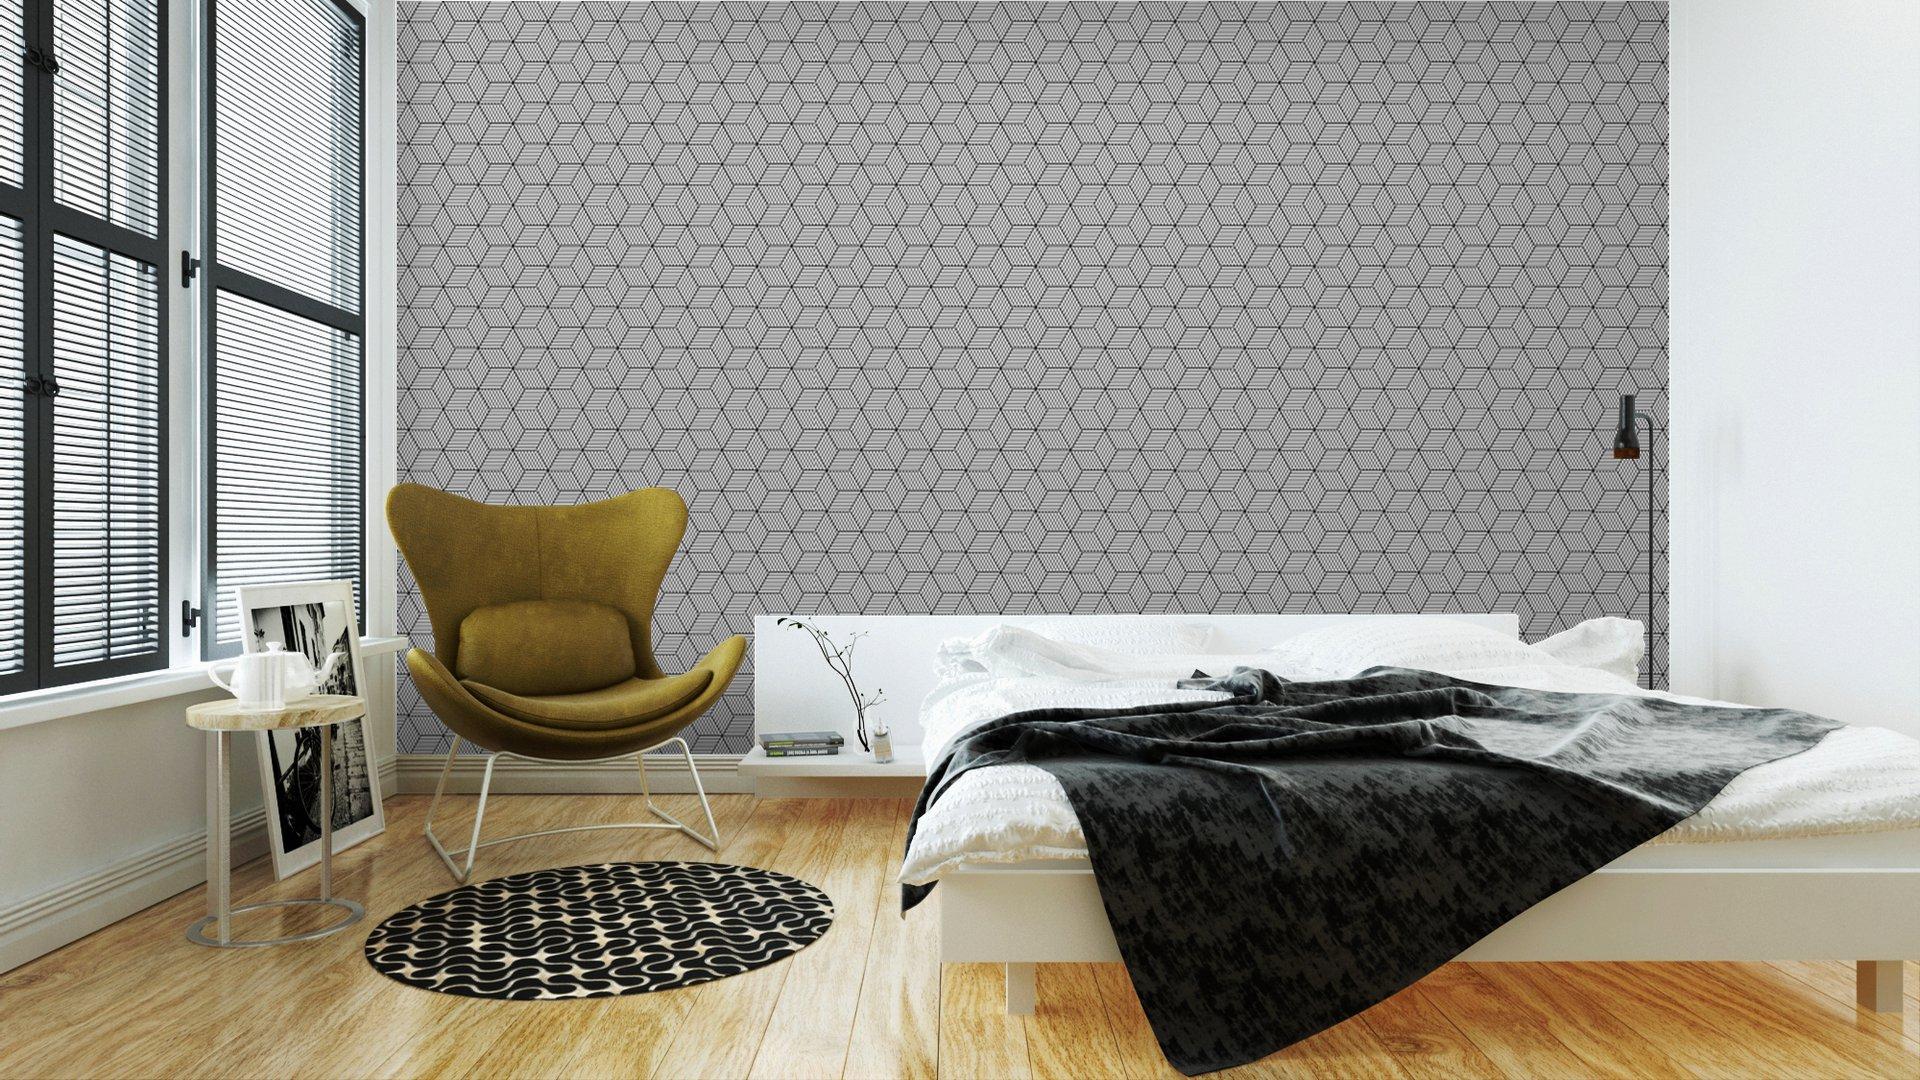 Fotomurales mexico papeles pintados lavables patron geometrico transparente con cubos 3 - Papel Tapiz Patrón de Cubos 3D 02